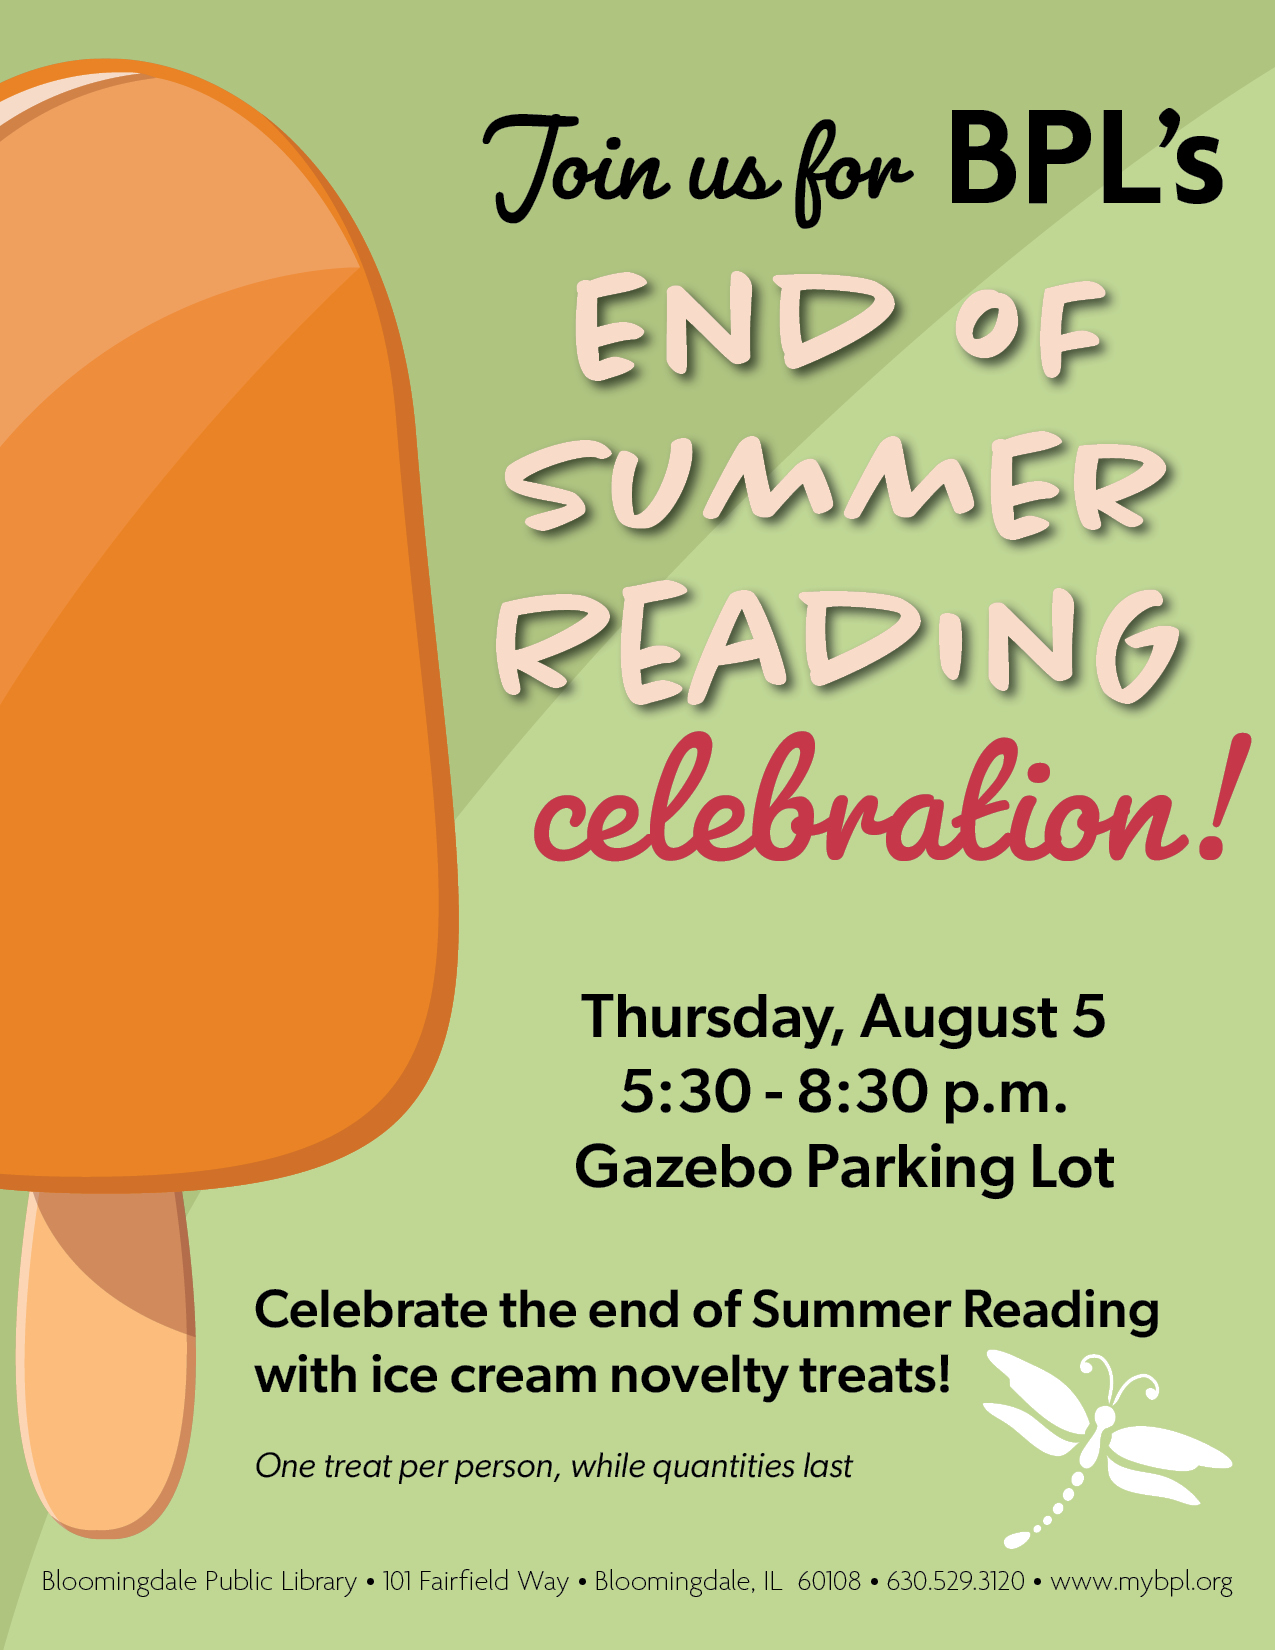 End of Summer Reading Celebration